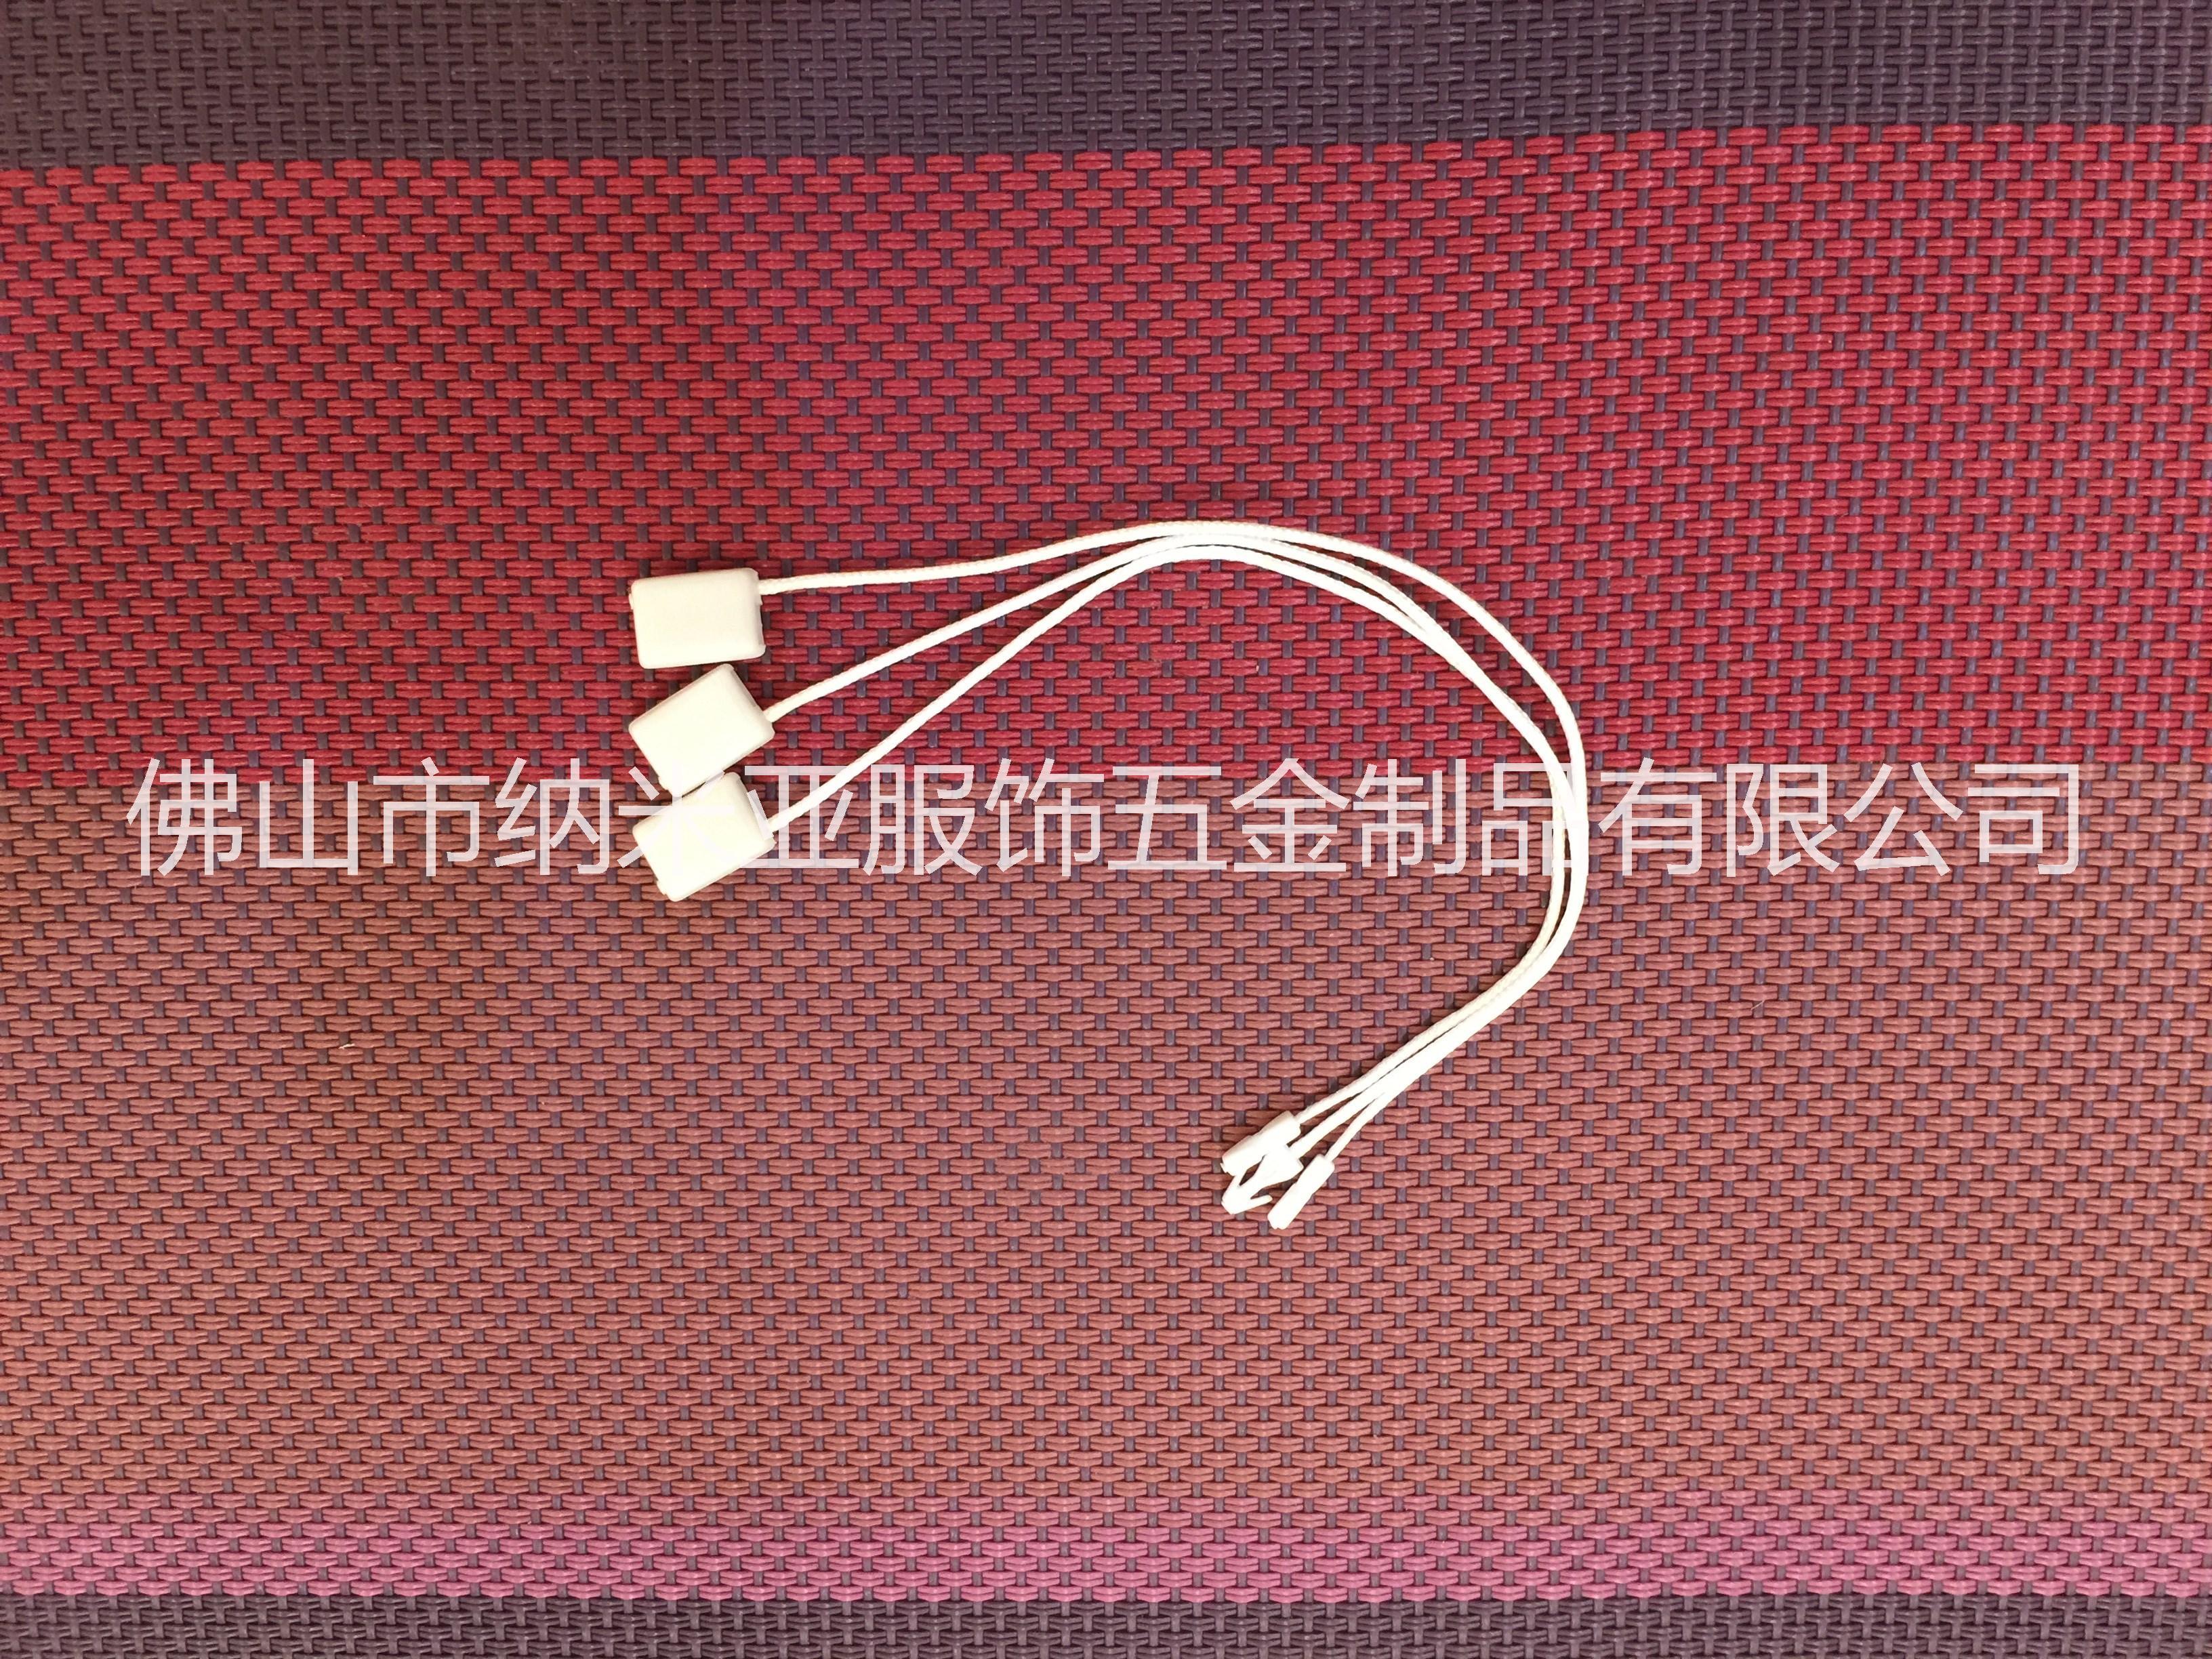 吊粒|吊粒优质供应商|佛山市纳米亚服饰五金制品有限公司